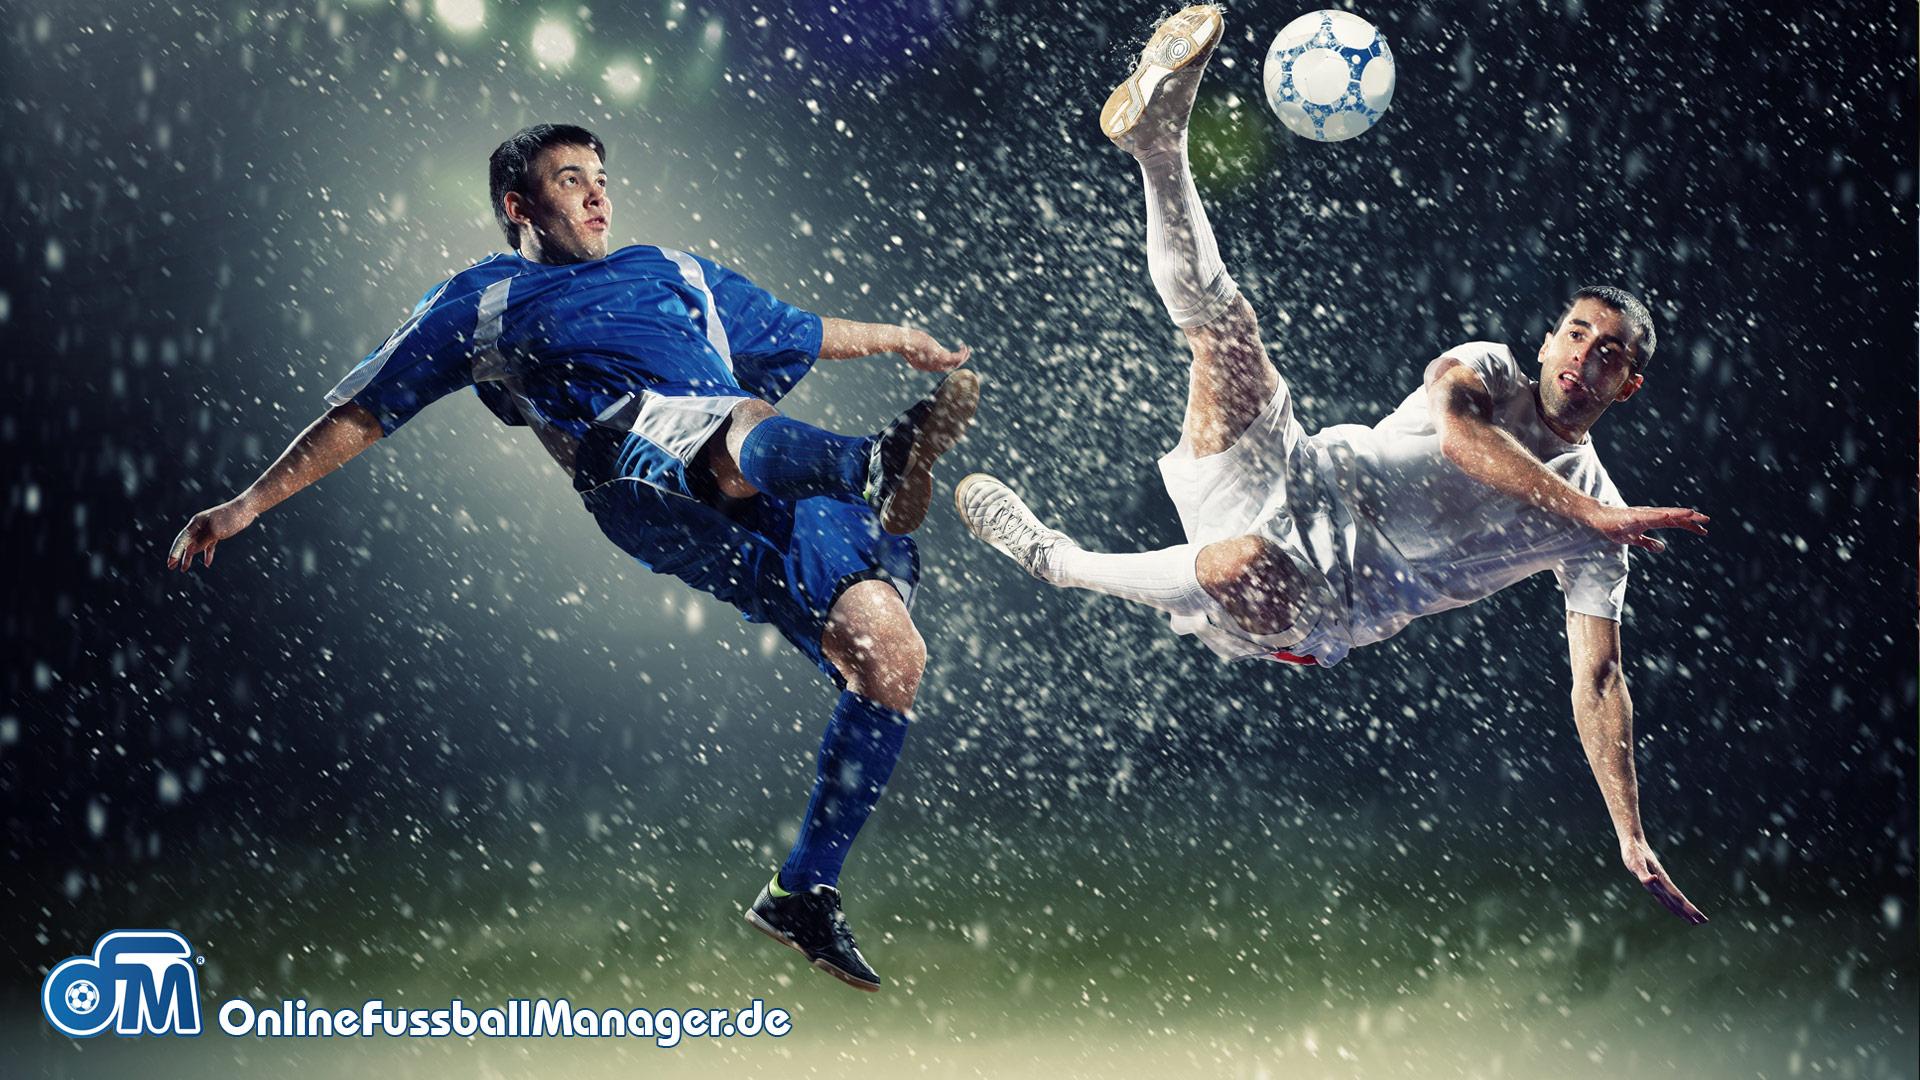 Wsv De Maas Venlo Nl Das Beste Fussball Manager